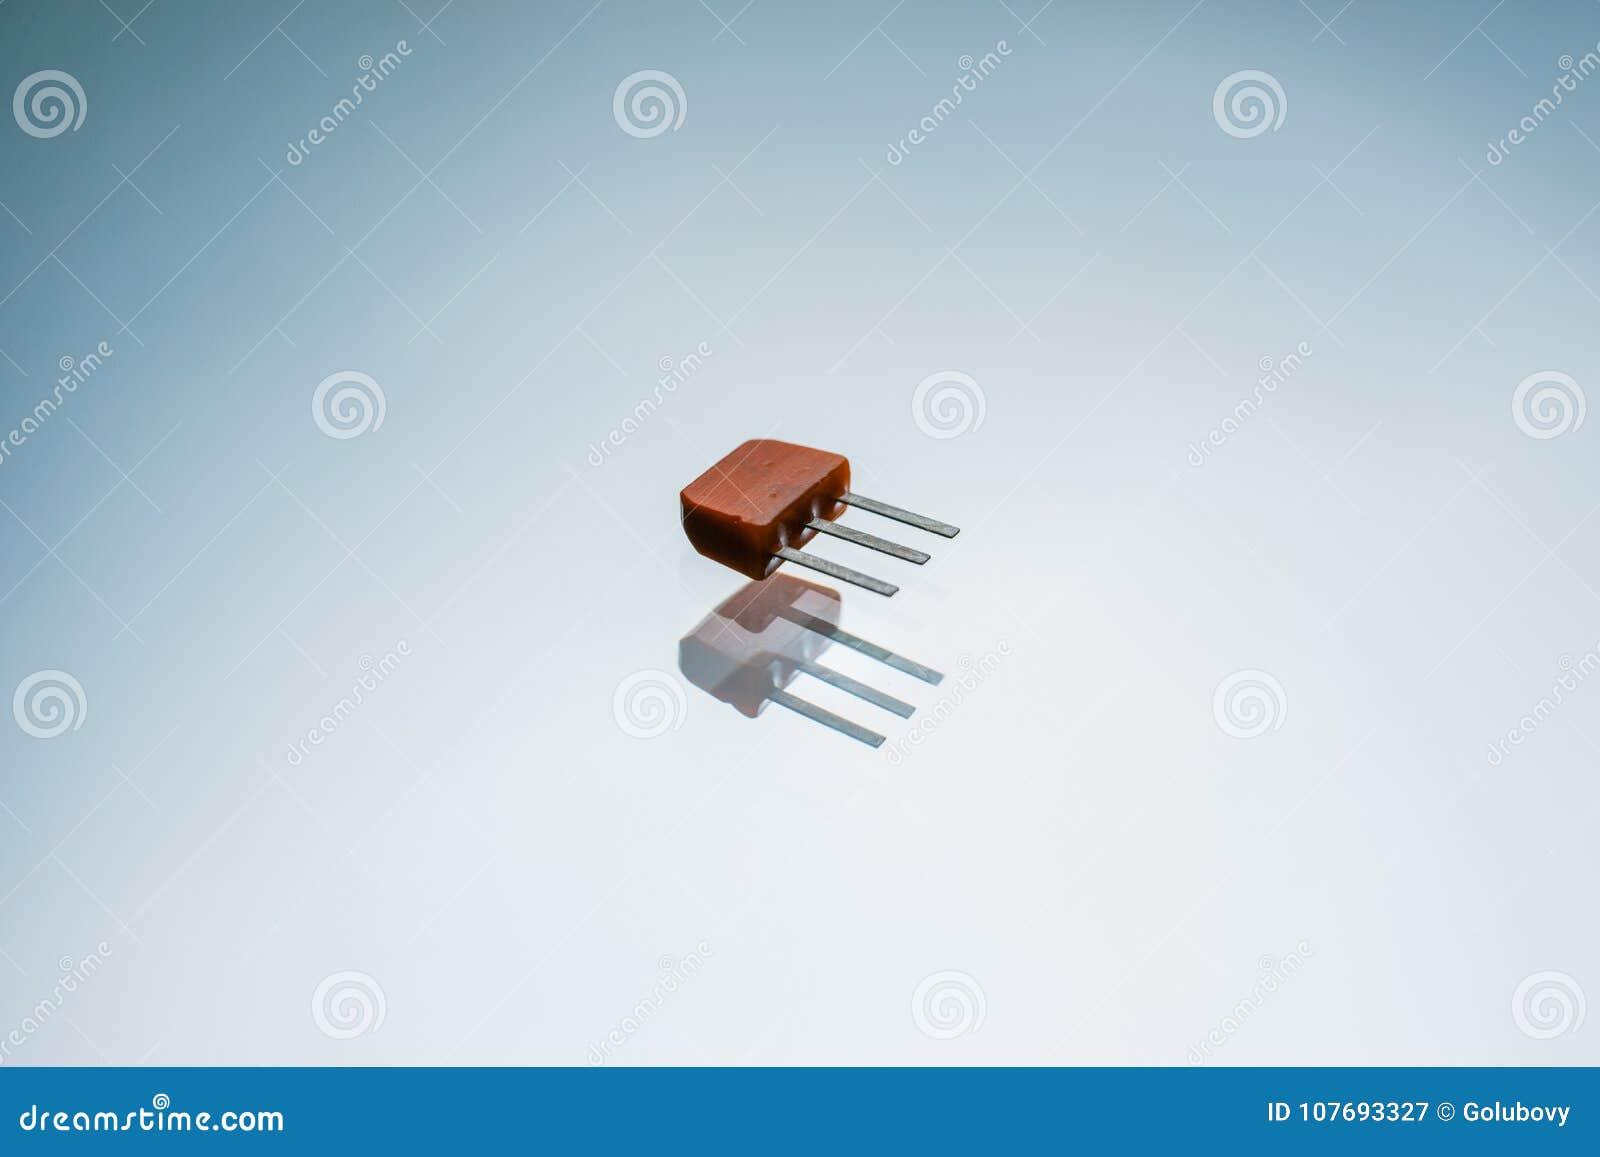 Circuito Transistor : Control electrónico del circuito de salida del transistor imagen de